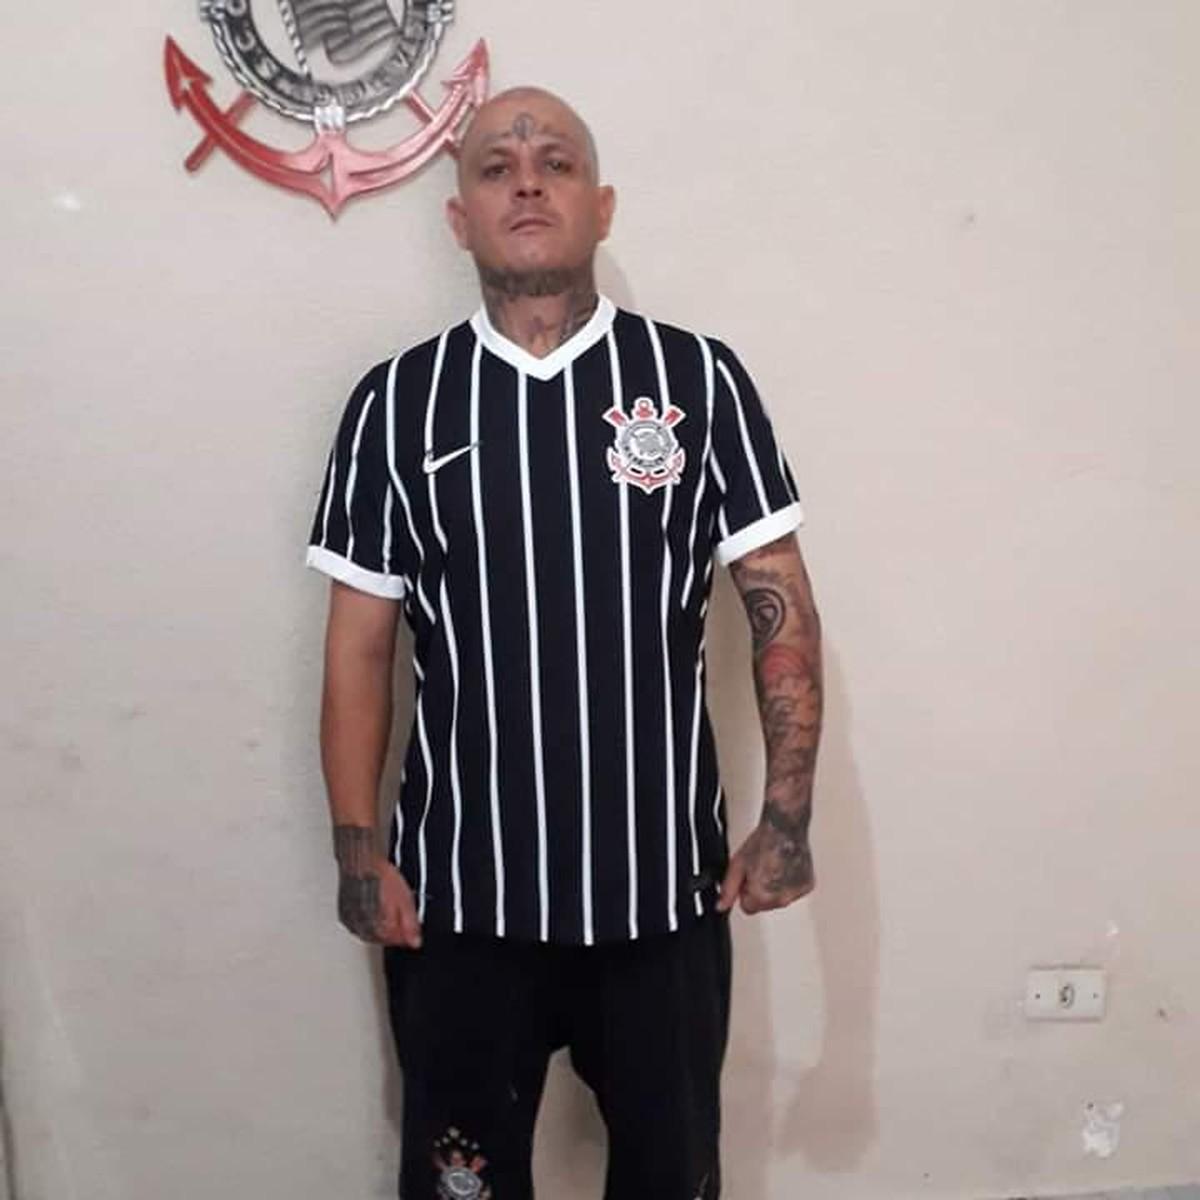 Vazam imagens da nova camisa reserva do Corinthians; veja detalhes – globoesporte.com